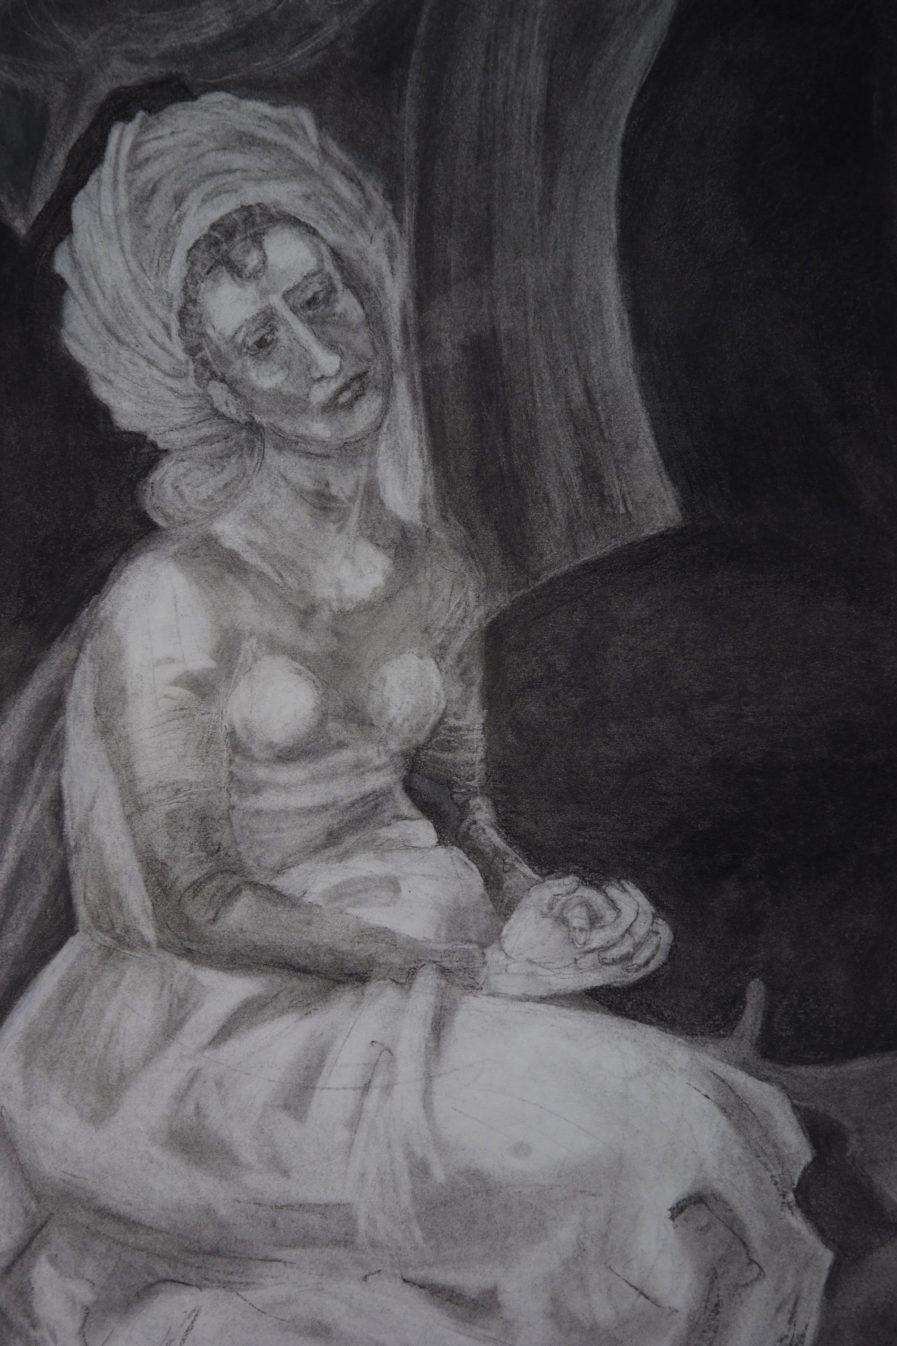 Detail 2/2